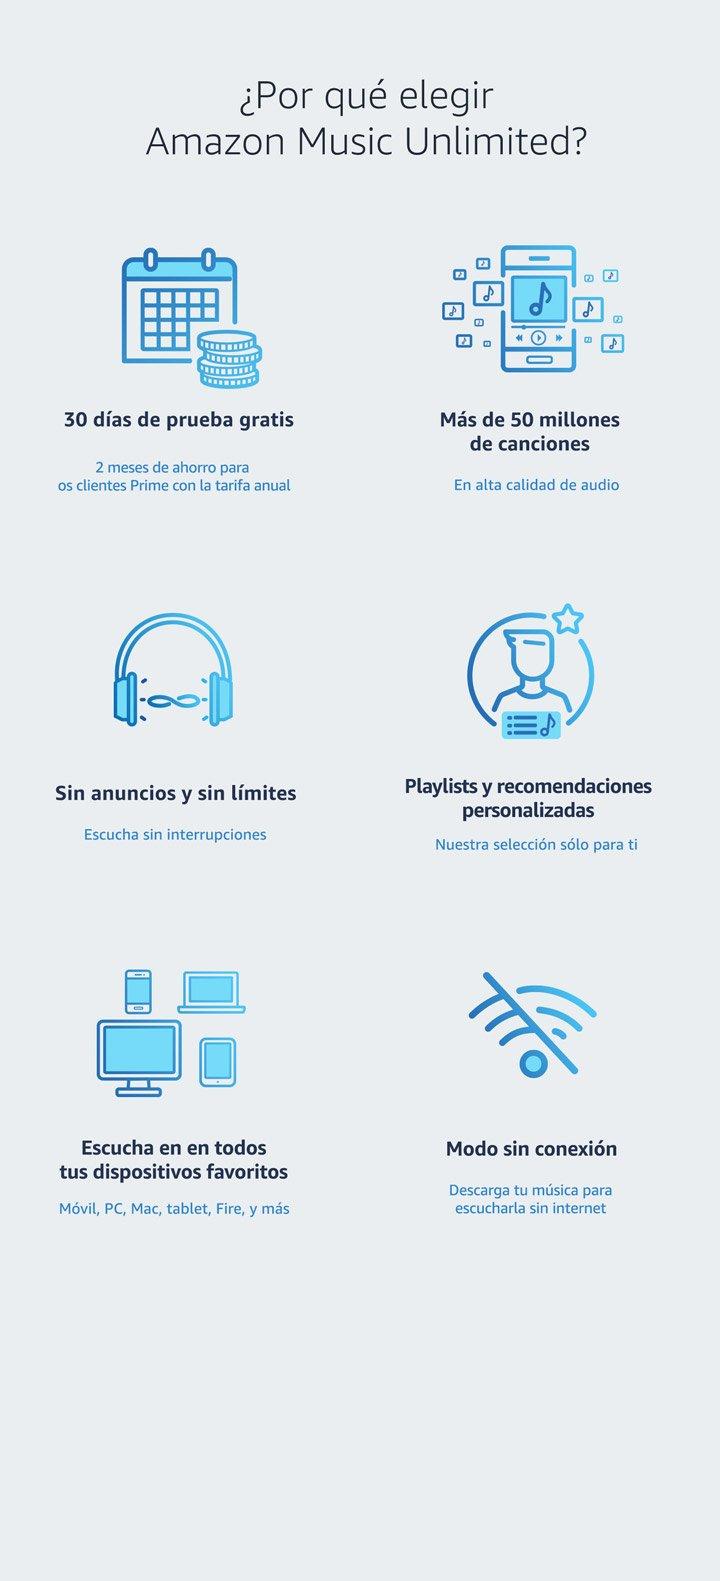 Amazon Music Unlimited - Más de 50 millones de canciones en alta calidad de audio. Plsylists y recomiendaciones personalizadas. Escucha en todos tus dispositivos favoritos y en modo sin conexión. Prueba gratis durante 30 días.